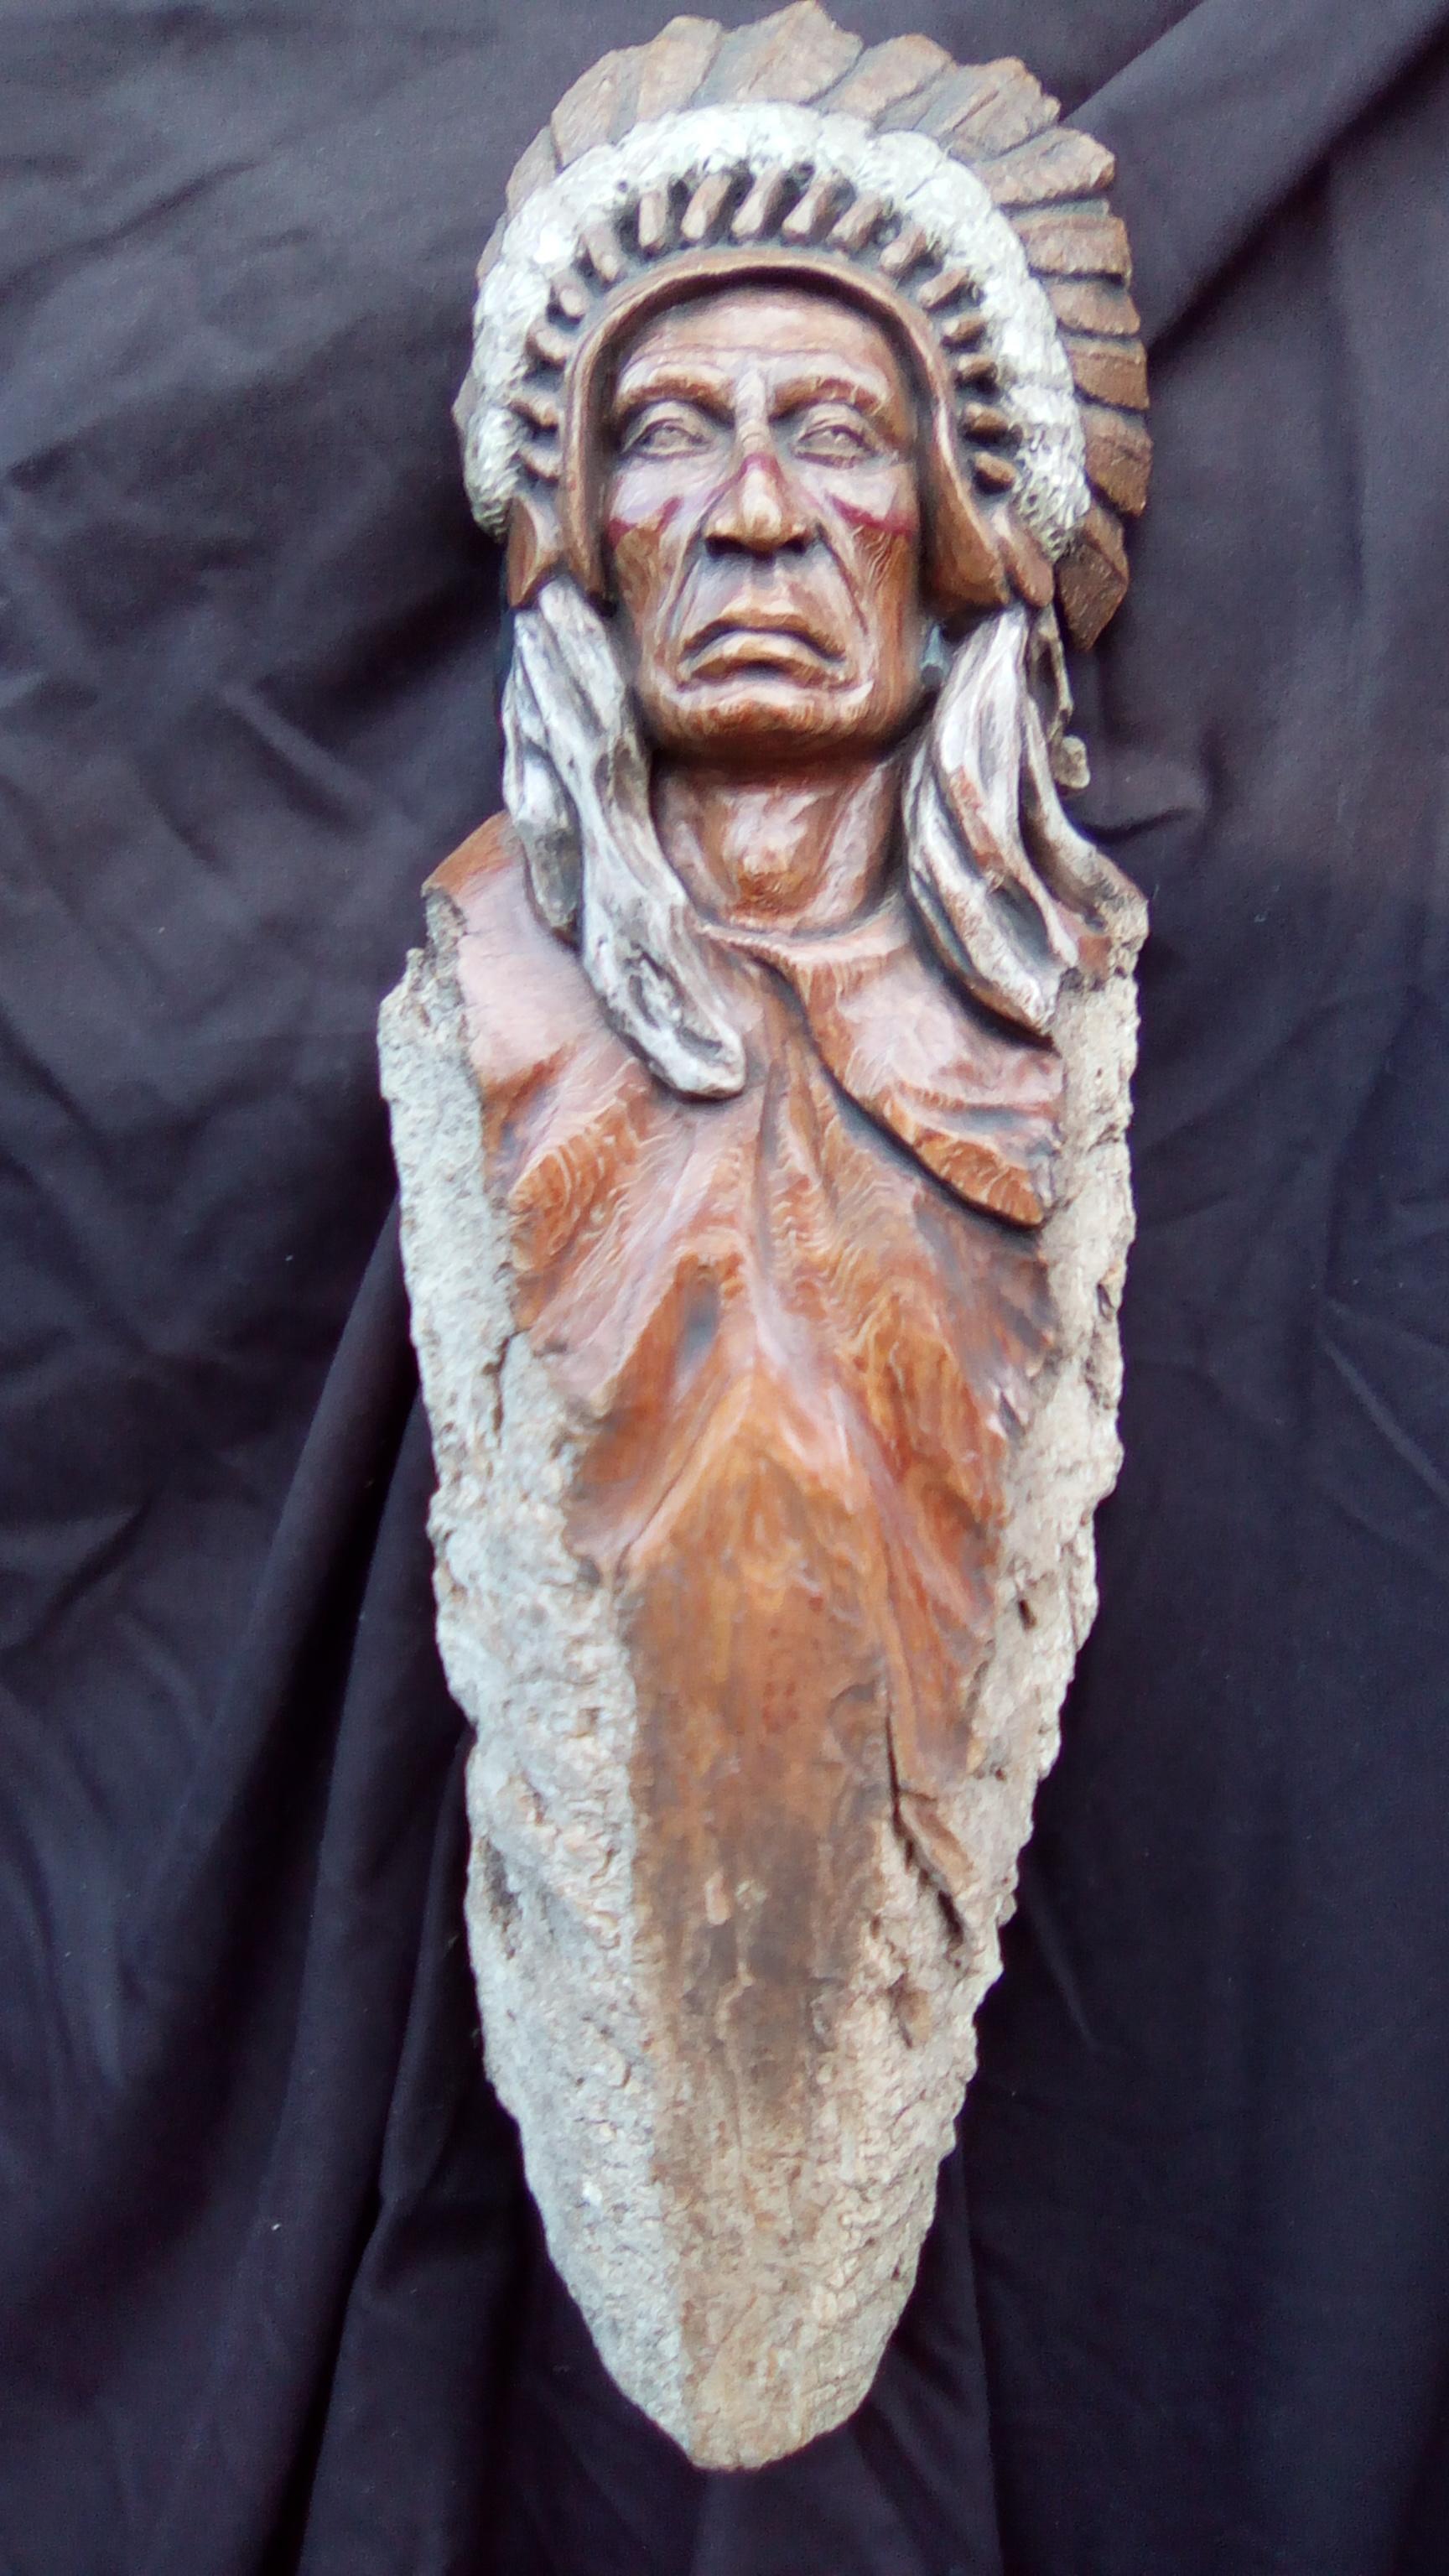 Plains Indian with War Bonnet